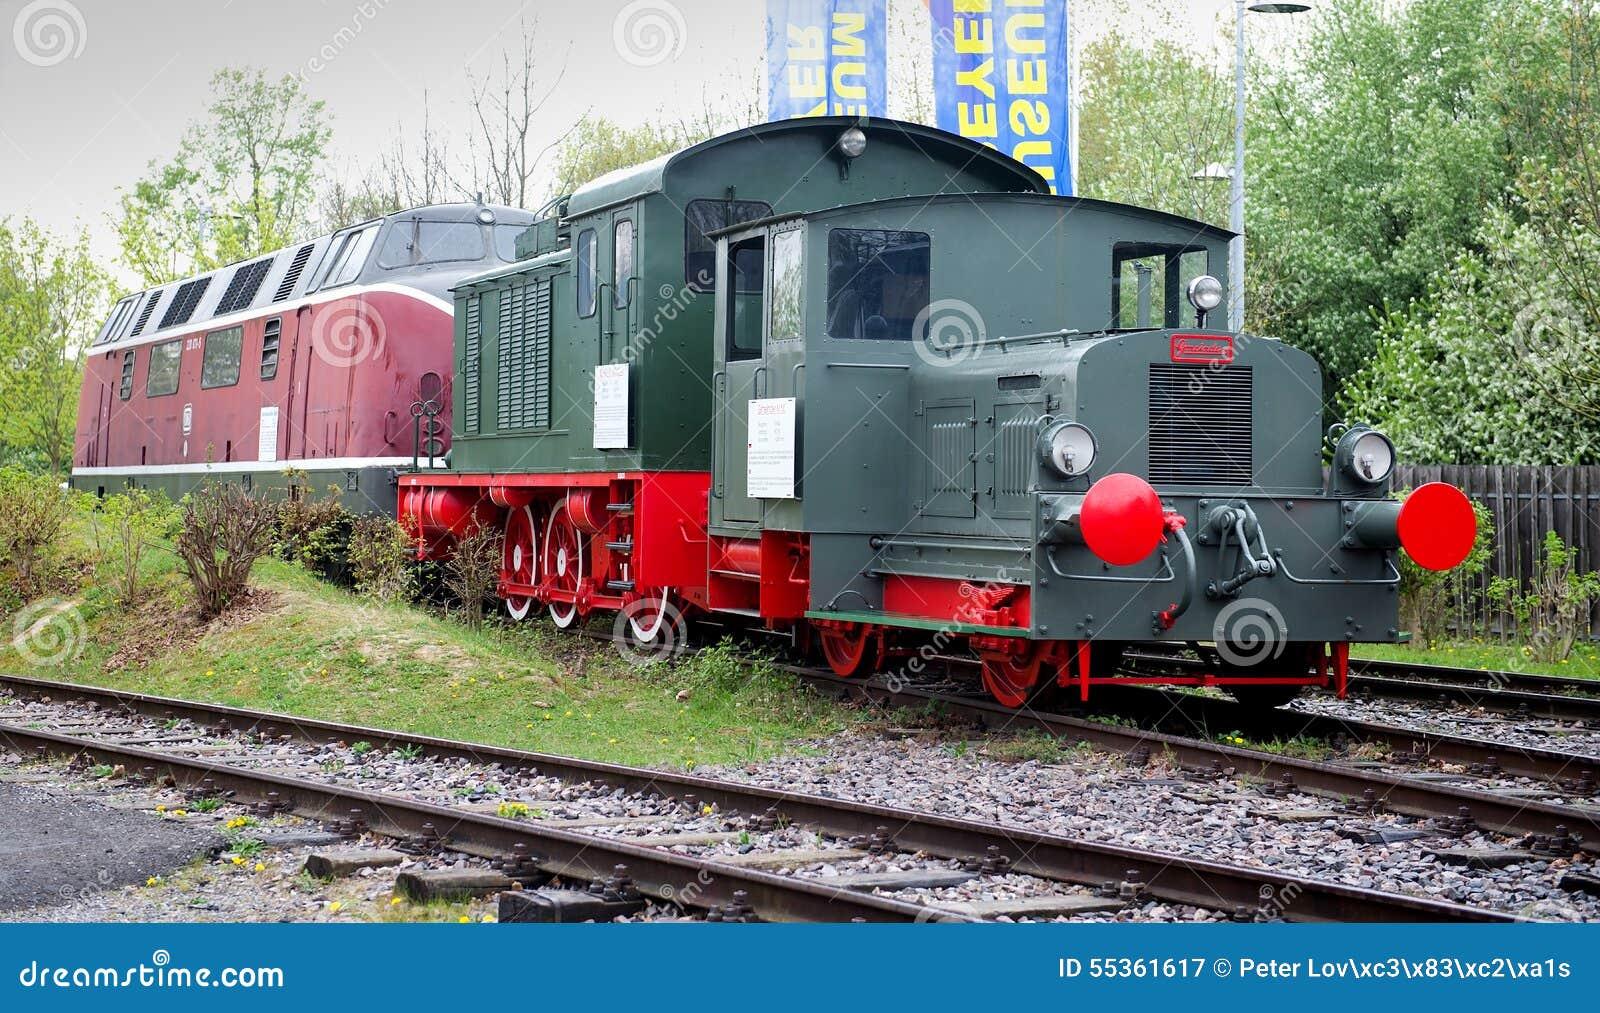 lokomotiven in technischem museum speyer redaktionelles stockfotografie bild von station. Black Bedroom Furniture Sets. Home Design Ideas